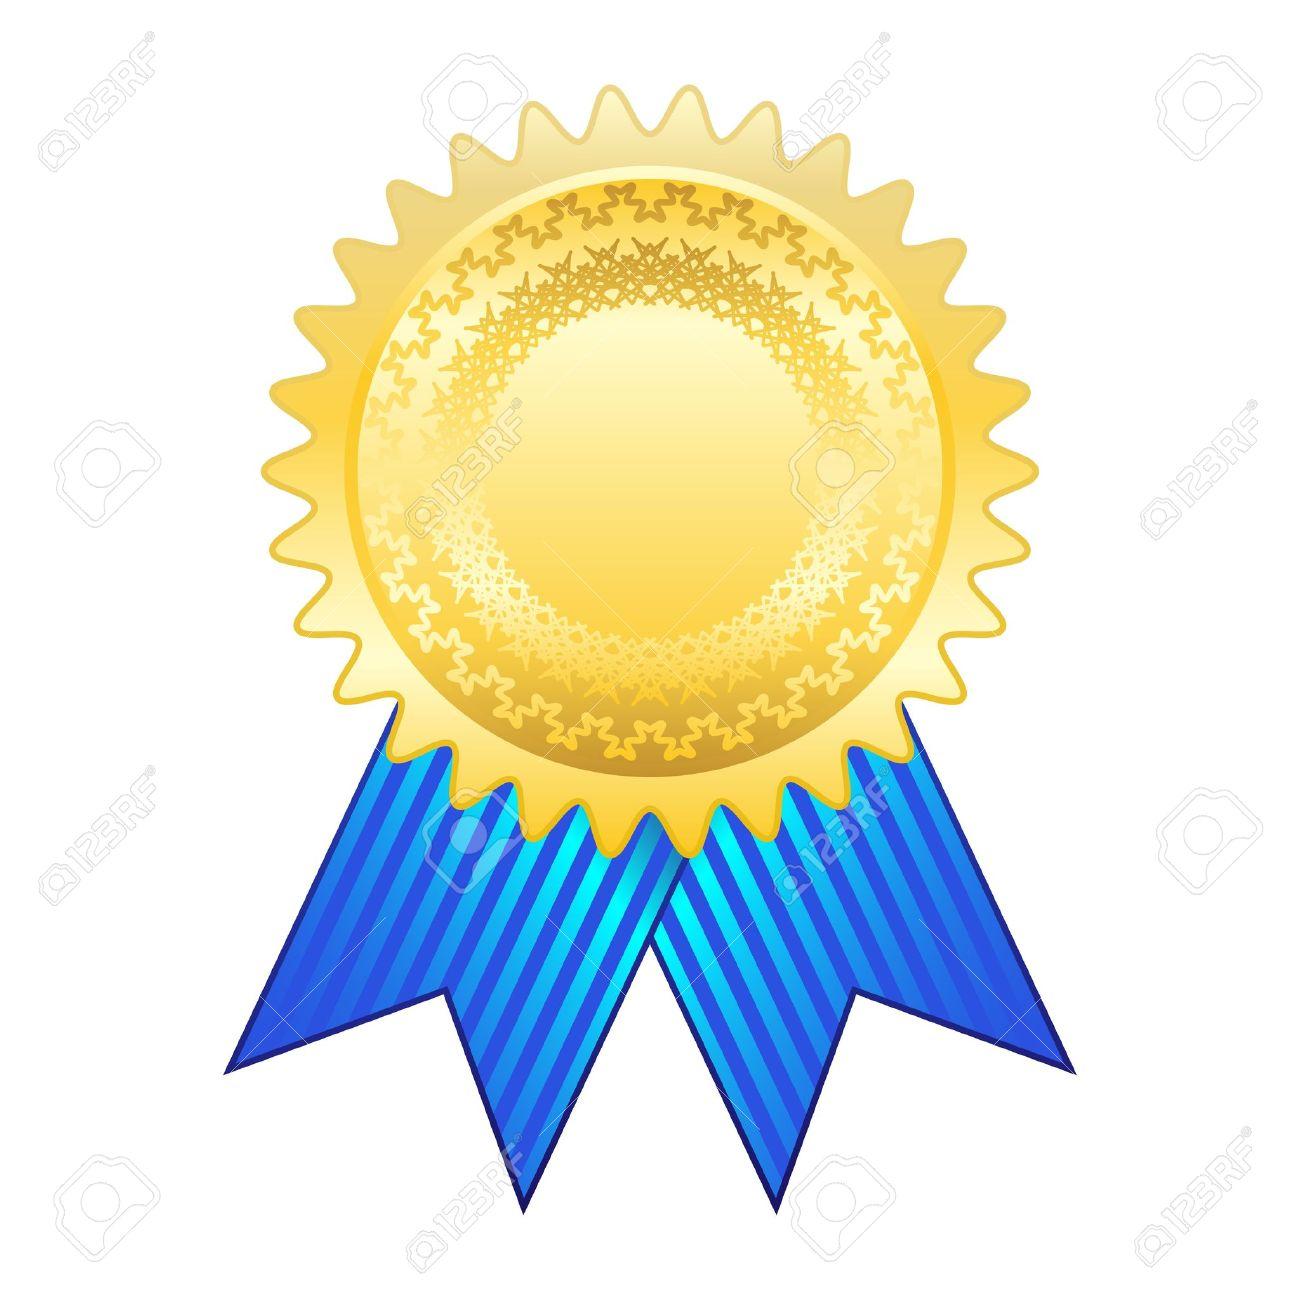 Gold award ribbon.